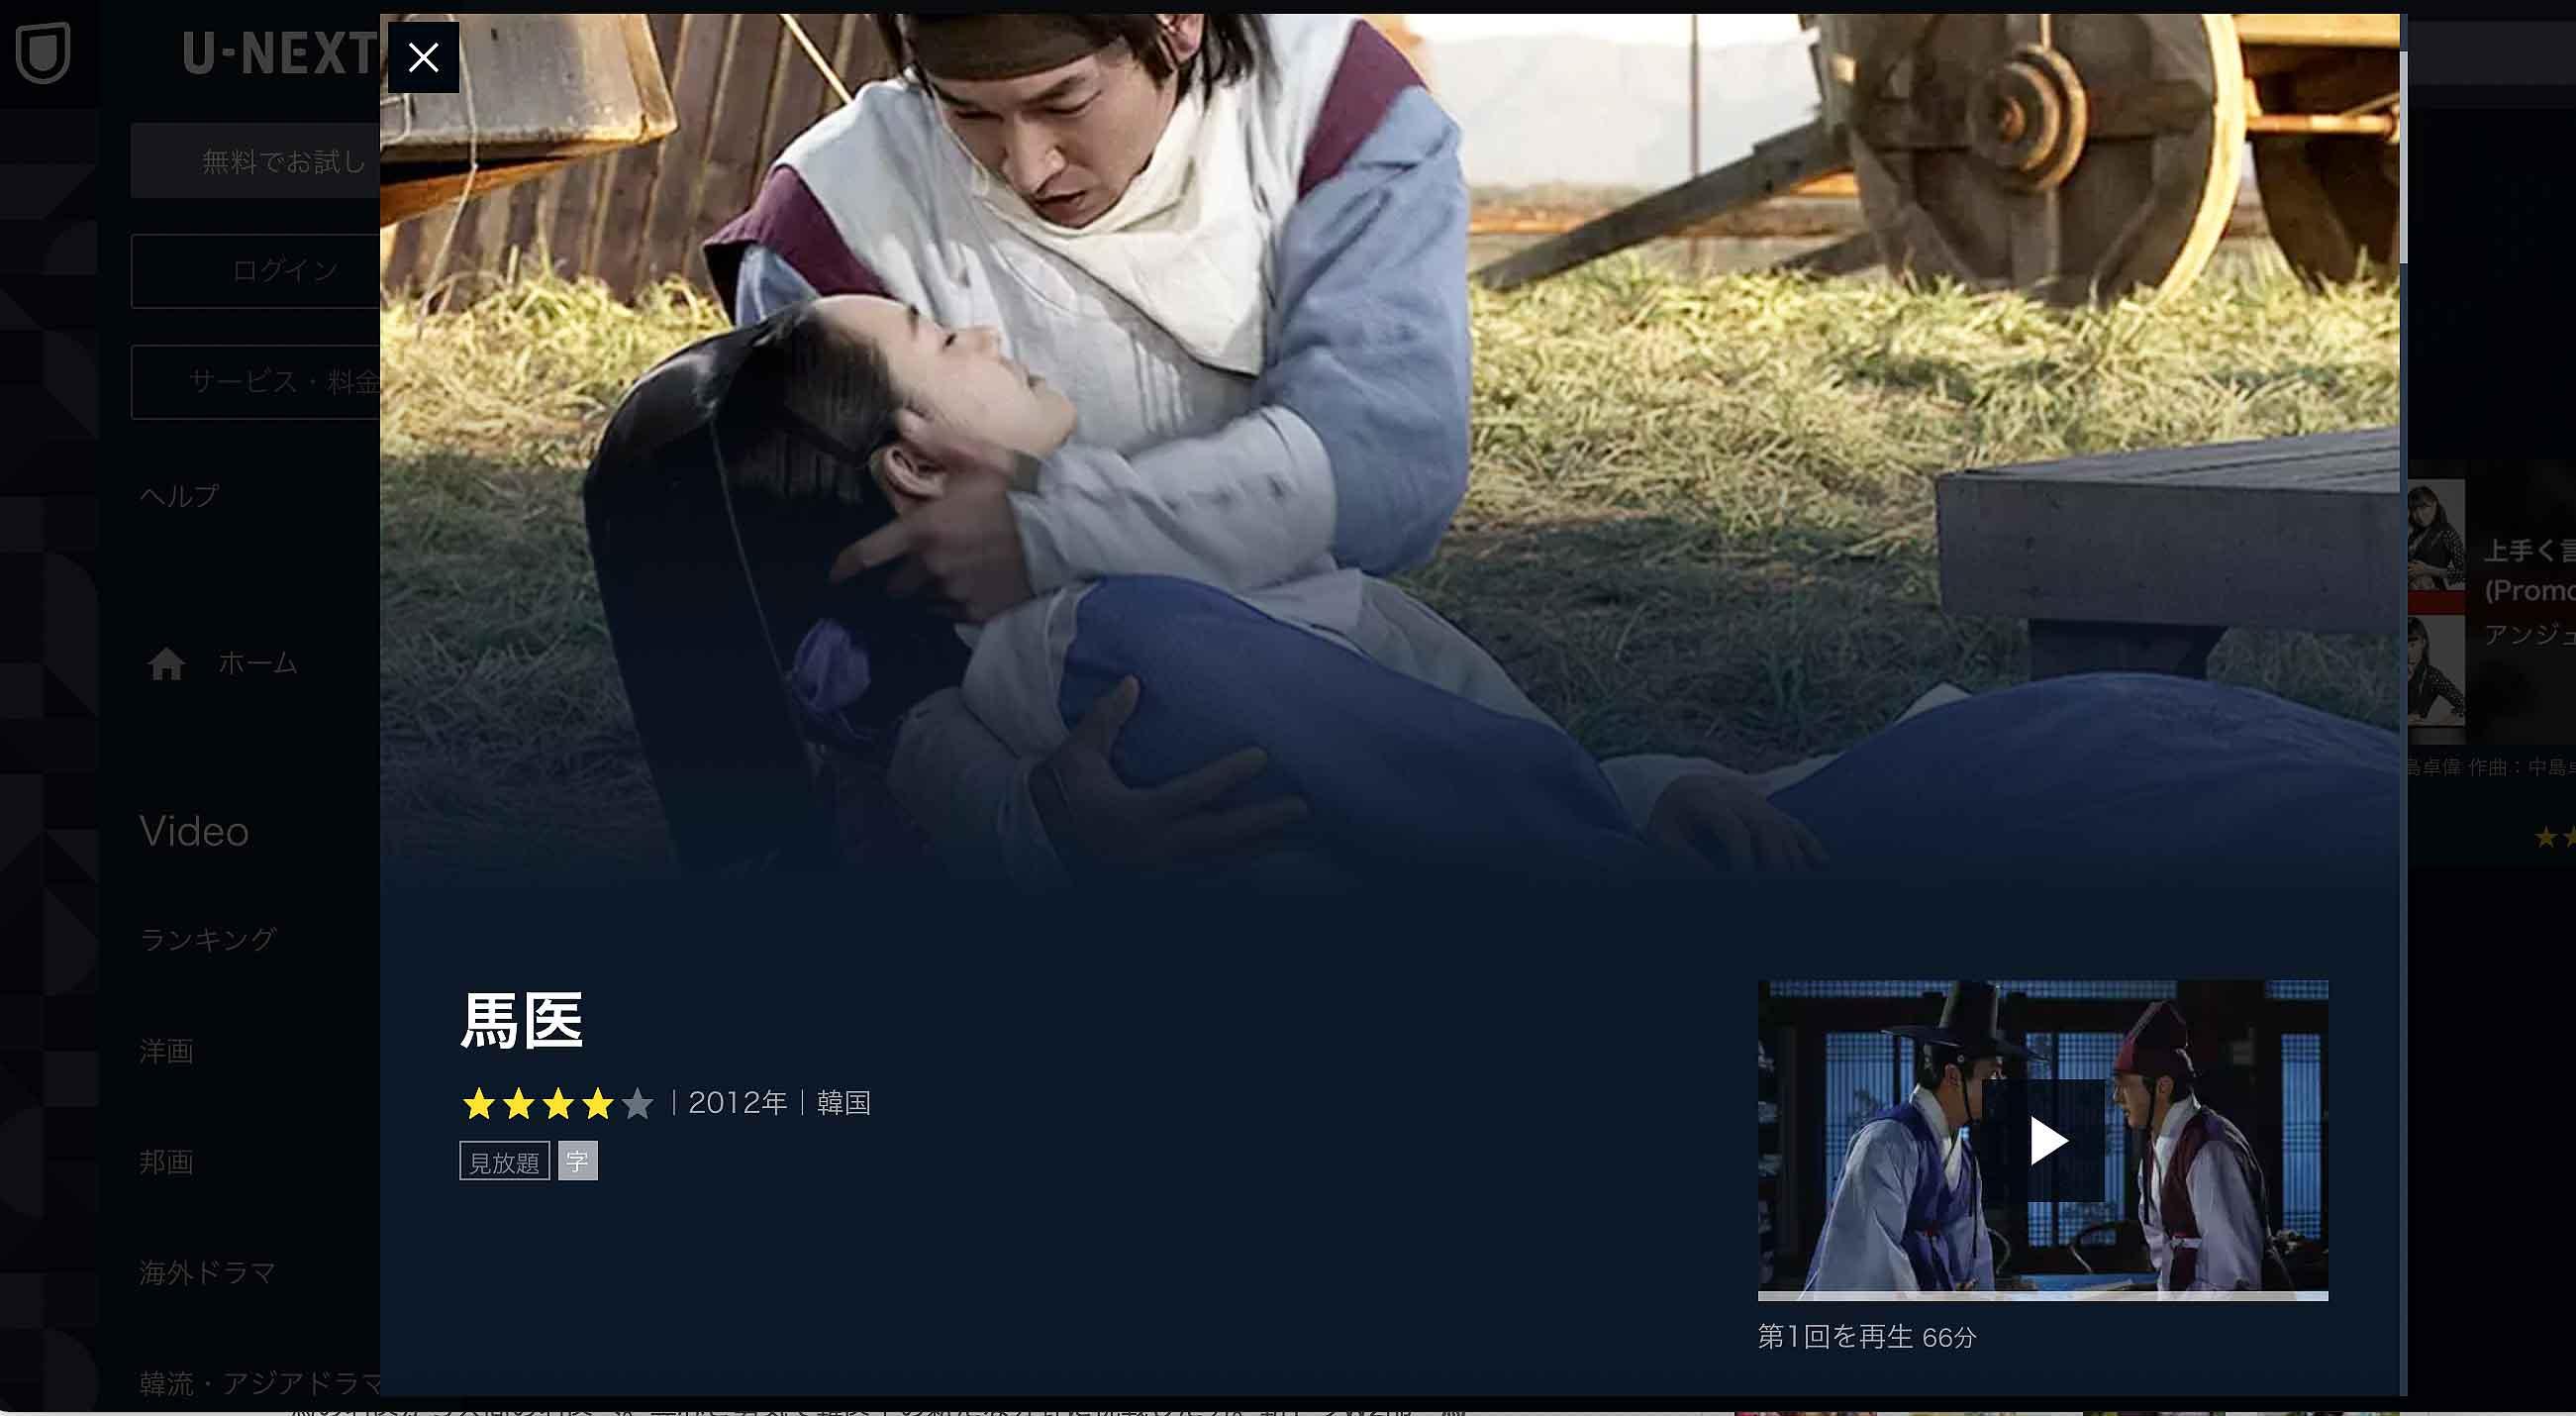 韓国ドラマ馬医動画配信サービスU-NEXT画像